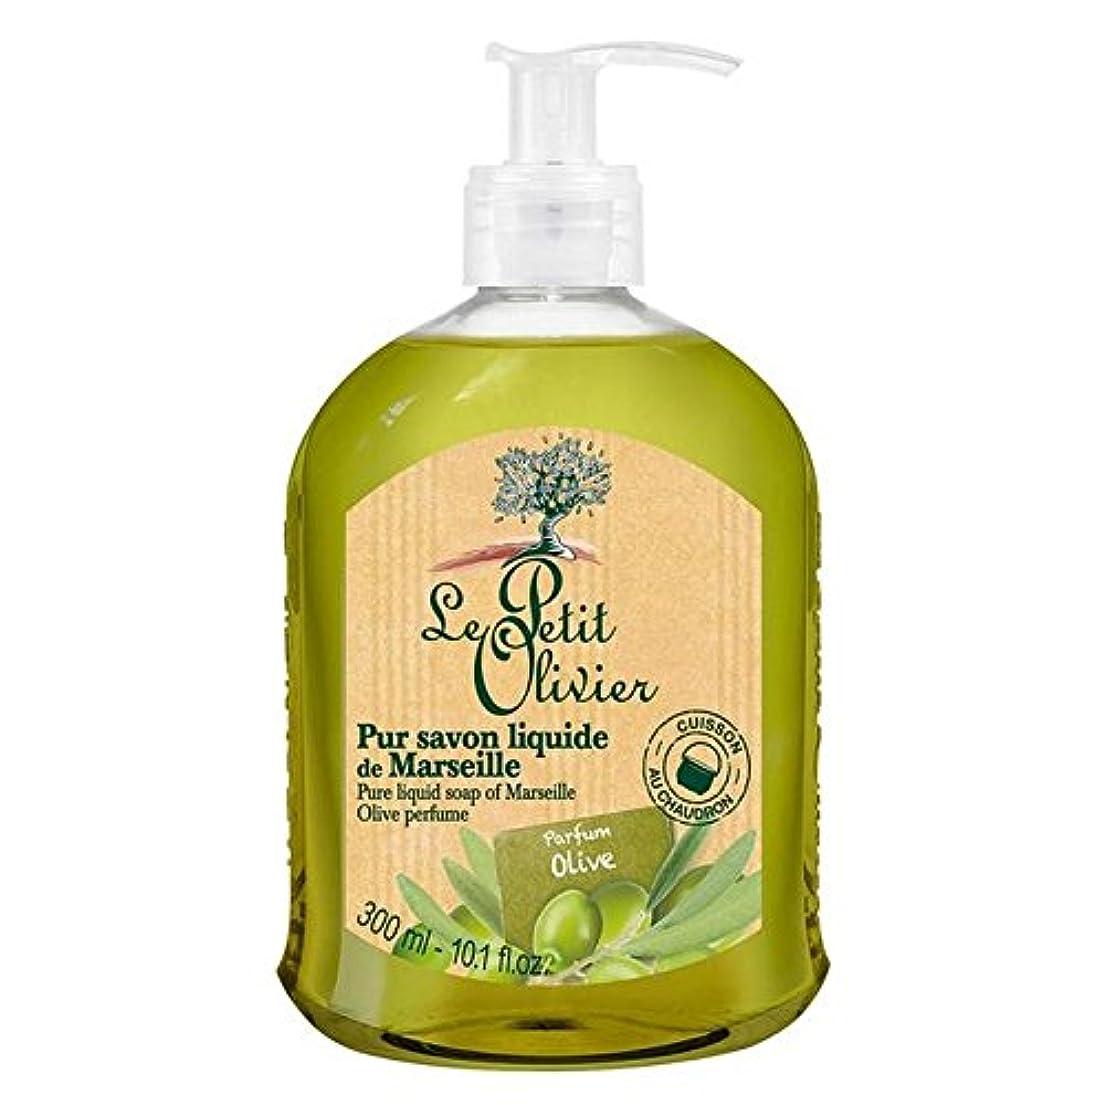 ラッシュ検出器仕立て屋Le Petit Olivier Pure Liquid Soap of Marseille, Olive Oil 300ml - マルセイユのル?プティ?オリヴィエ純粋な液体石鹸、オリーブオイル300ミリリットル [並行輸入品]